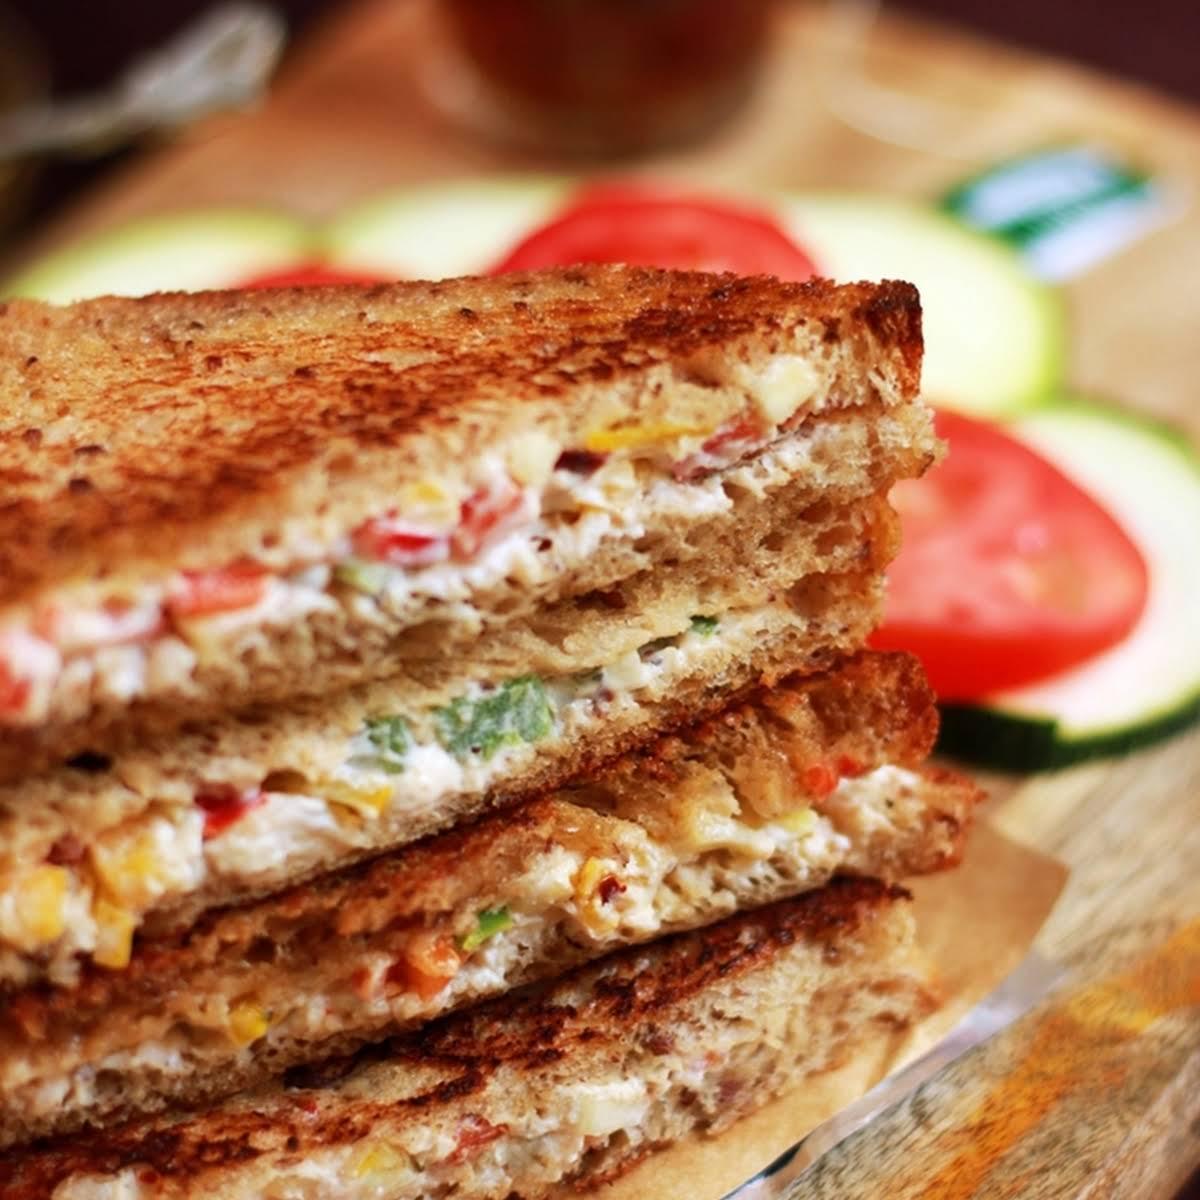 cream cheese sandwich recipe   Easy sandwich recipes